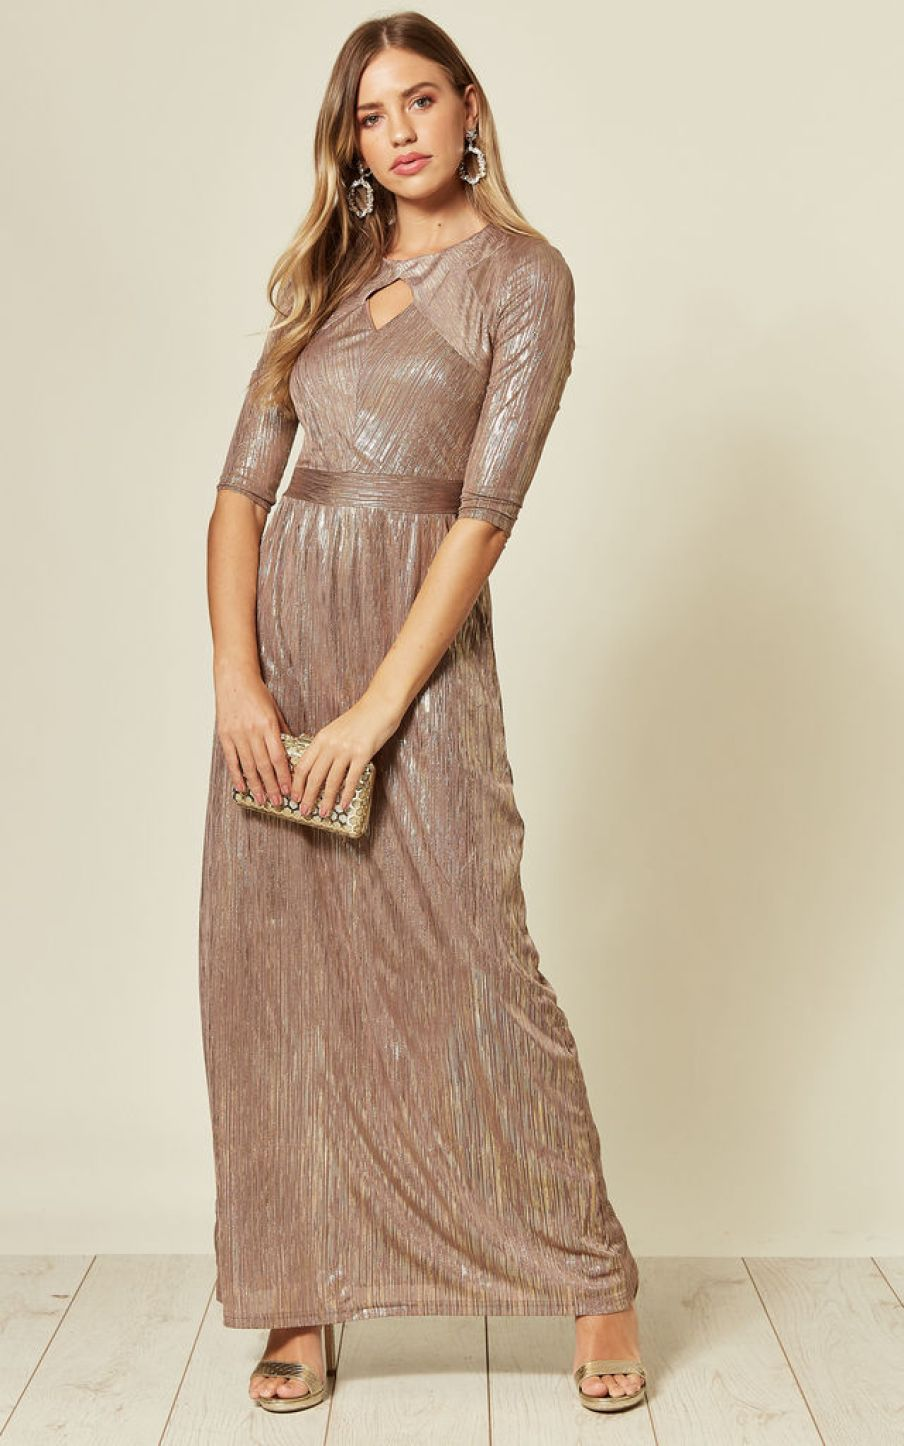 Maxi dress in metallic crinkle worn on model